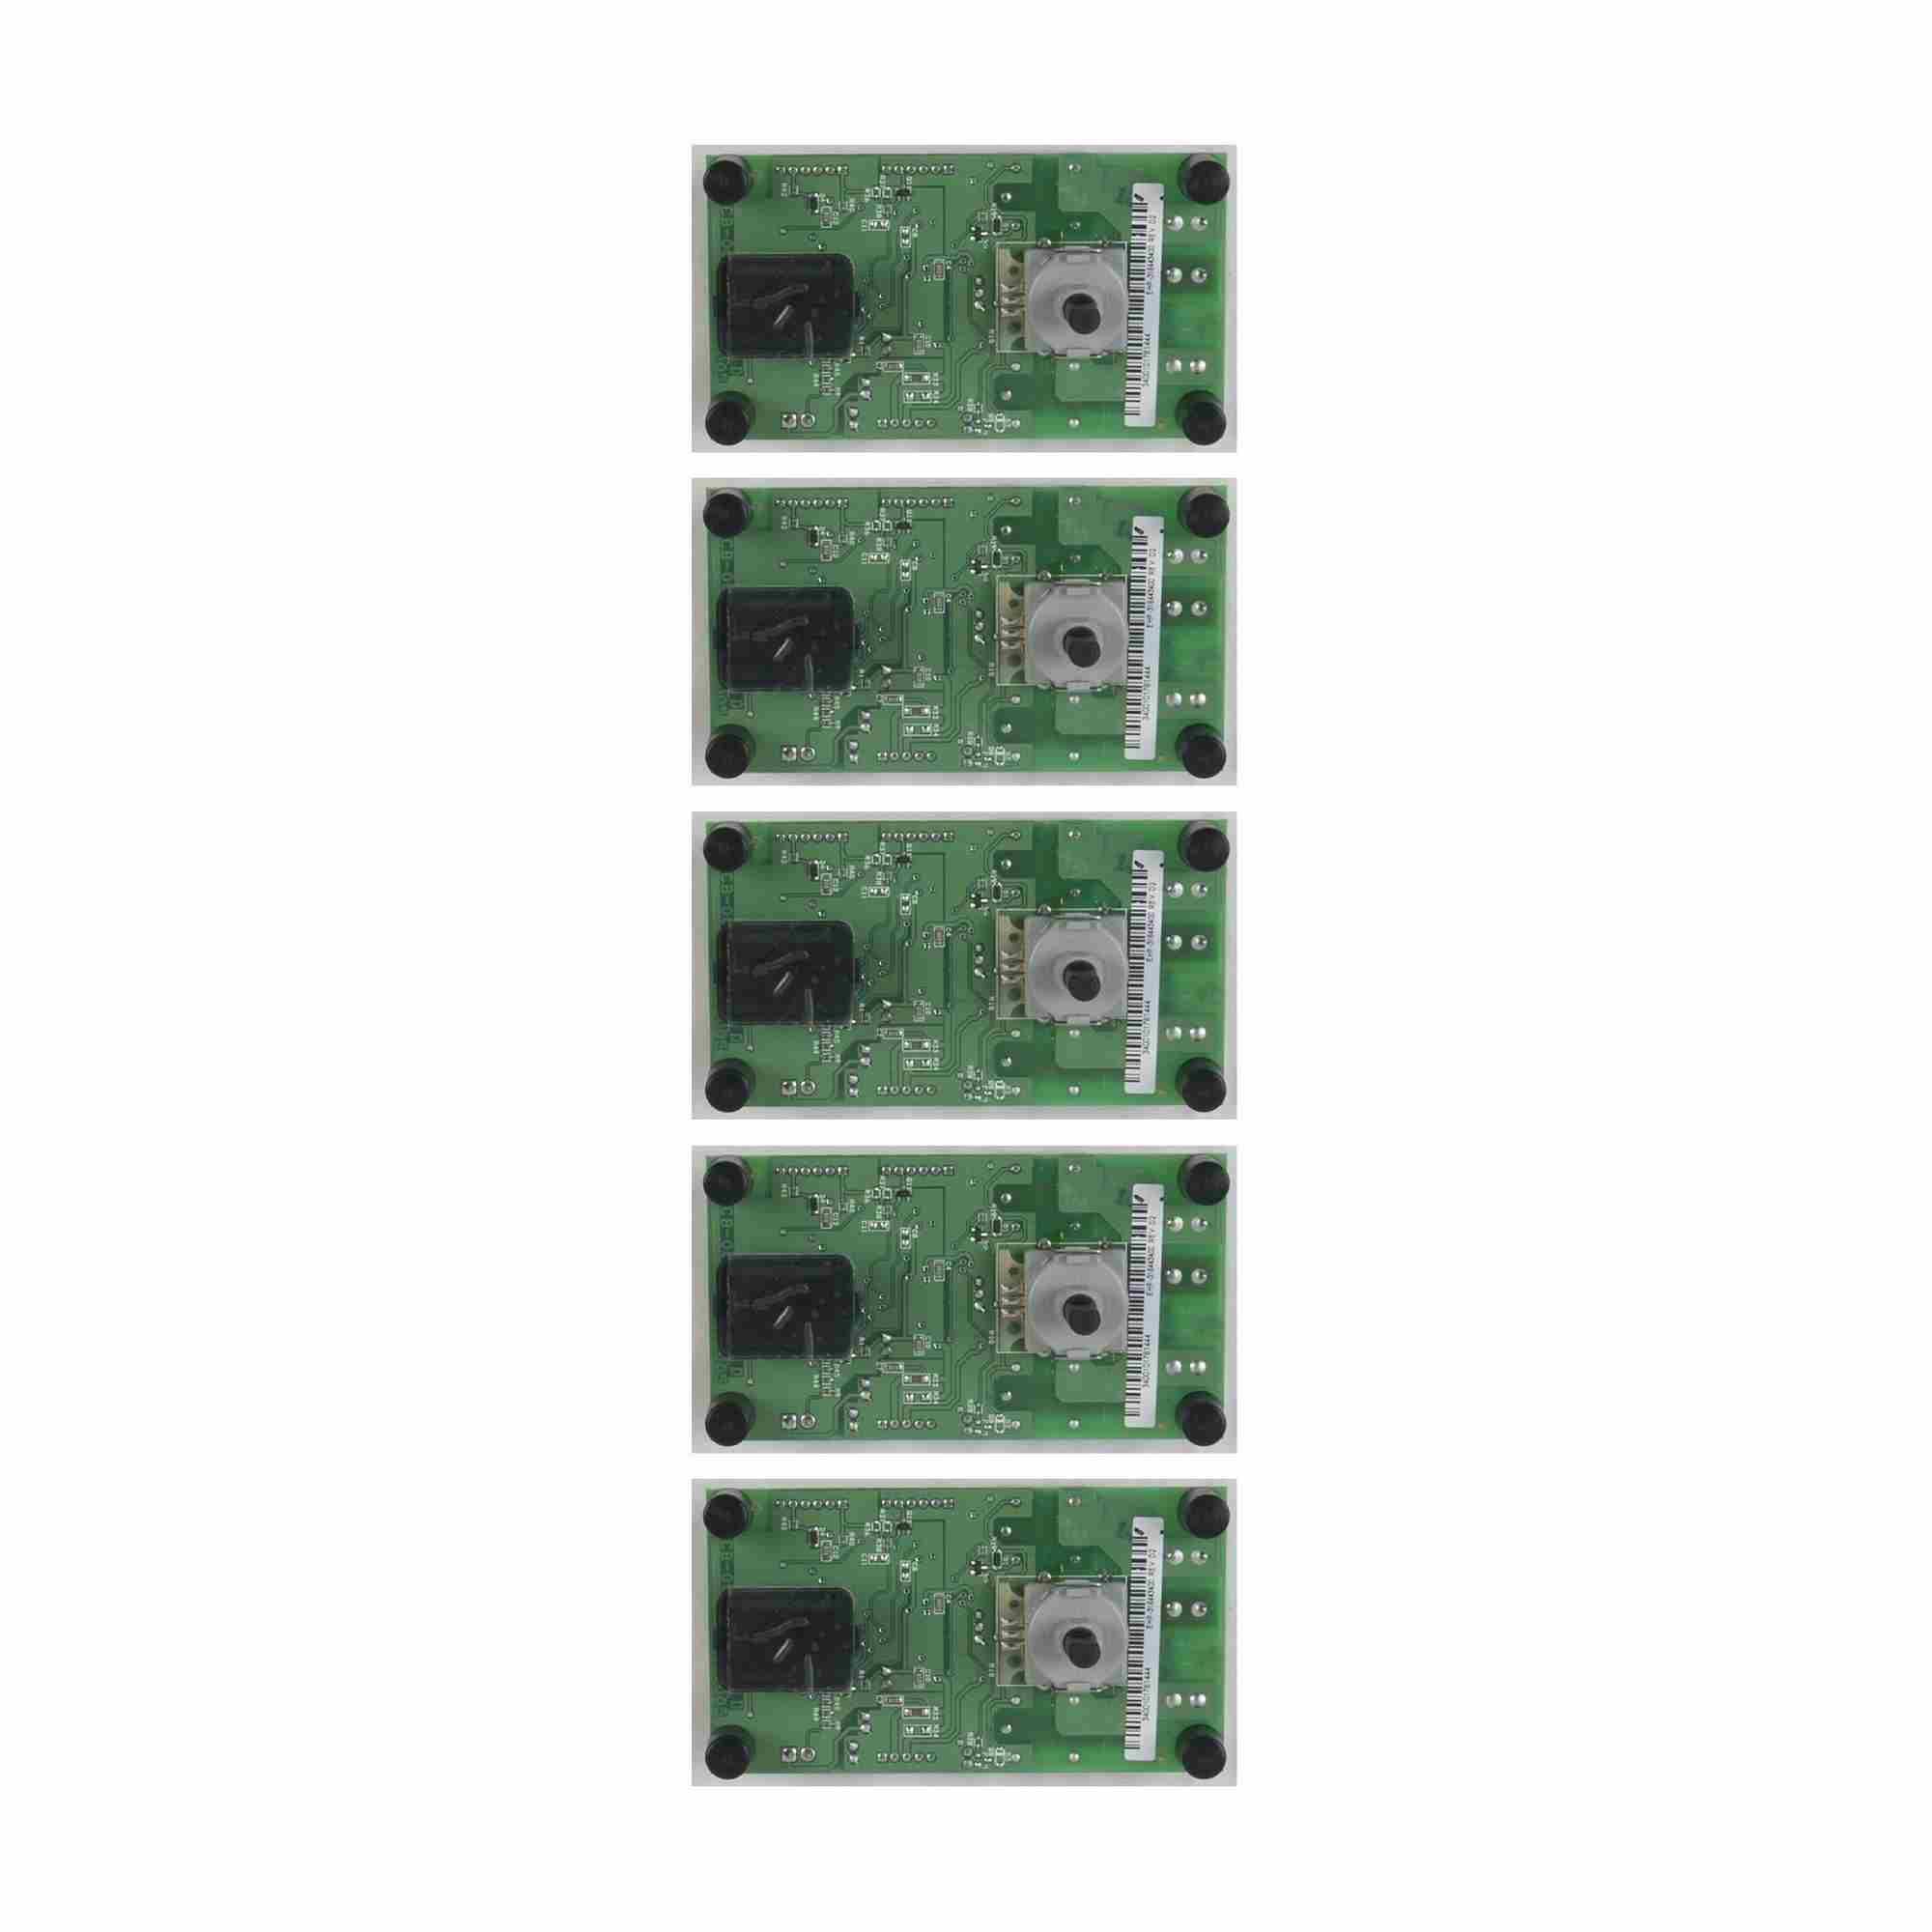 5304480685 Genuine OEM For Frigidaire Switch Kit